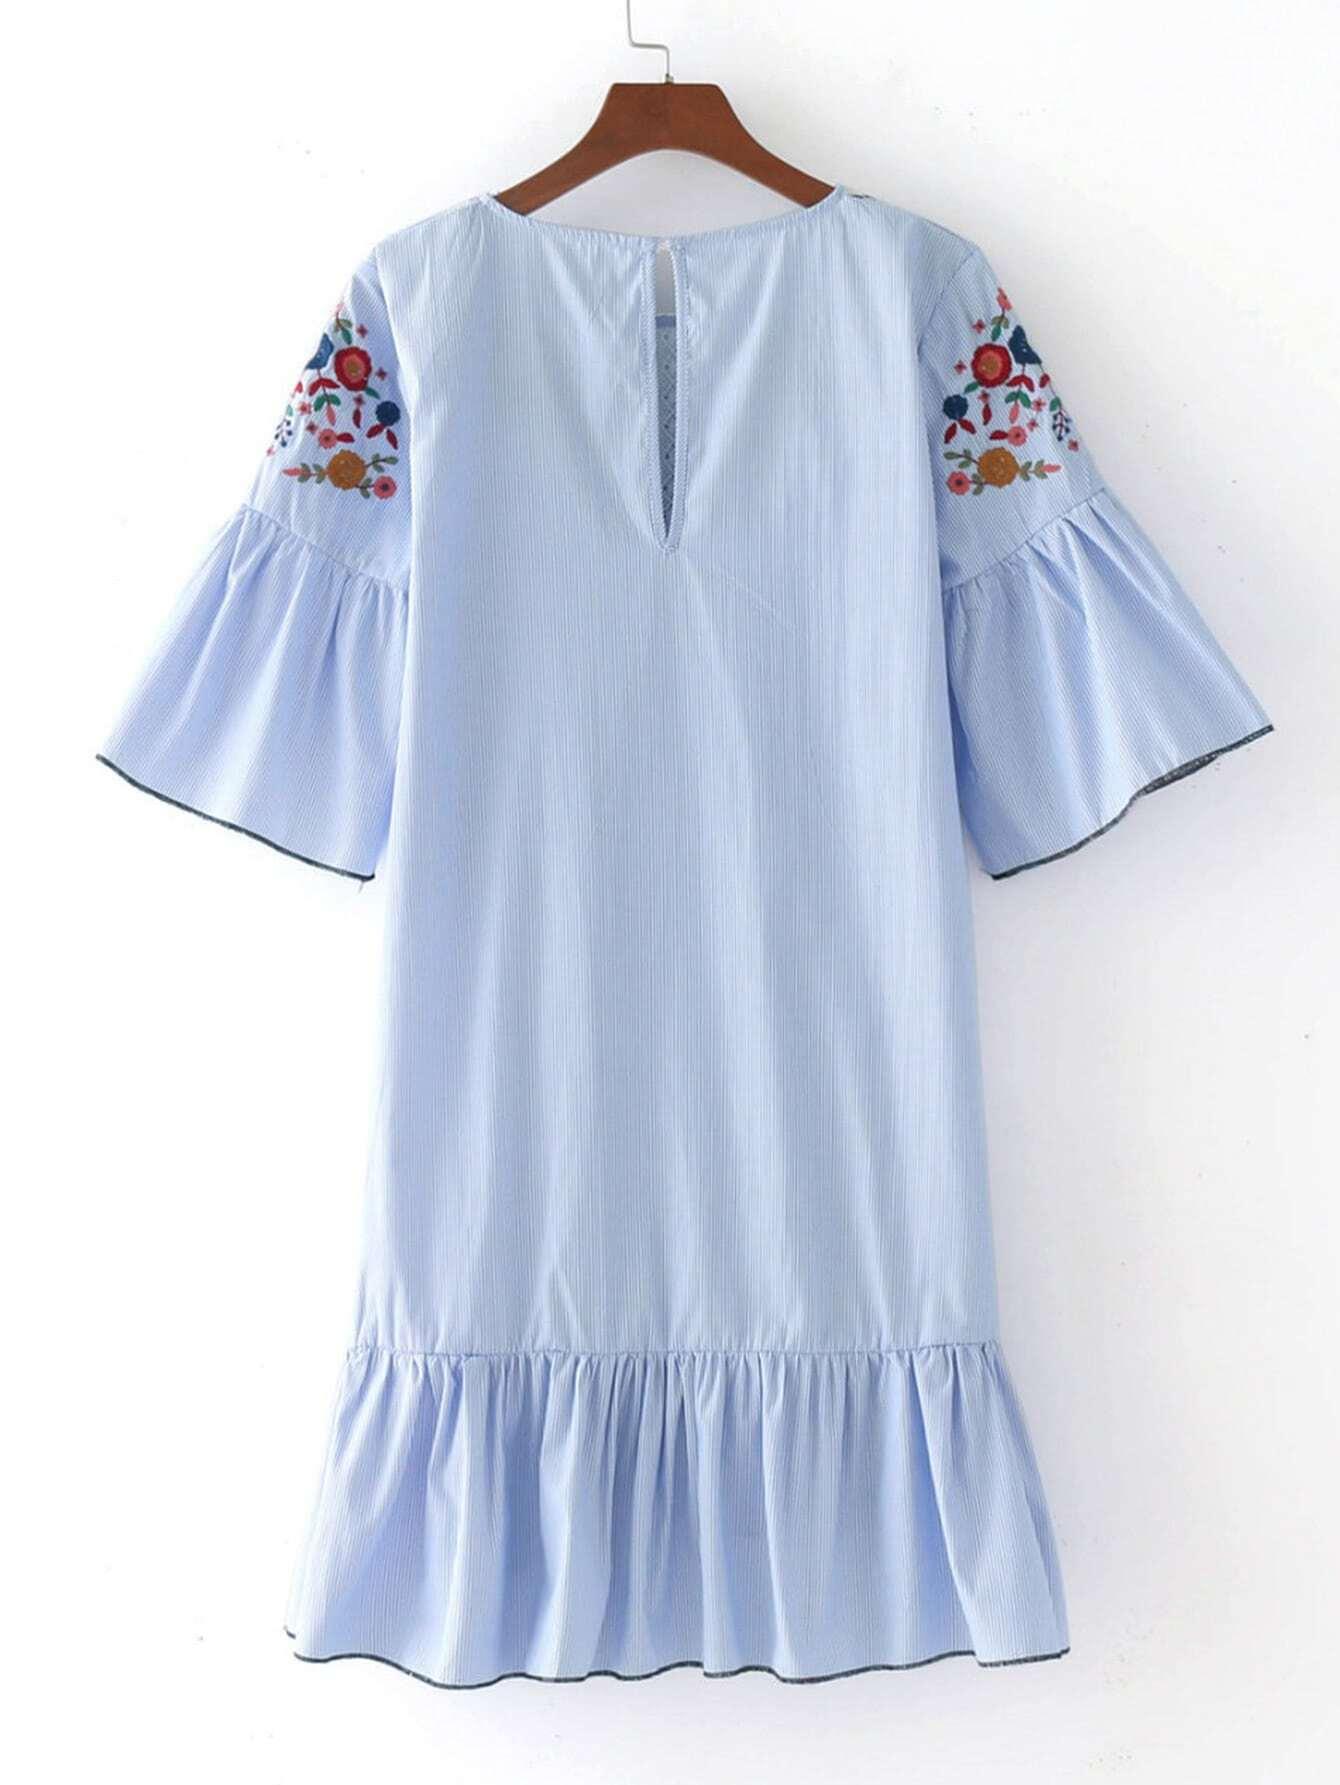 dress170509203_2